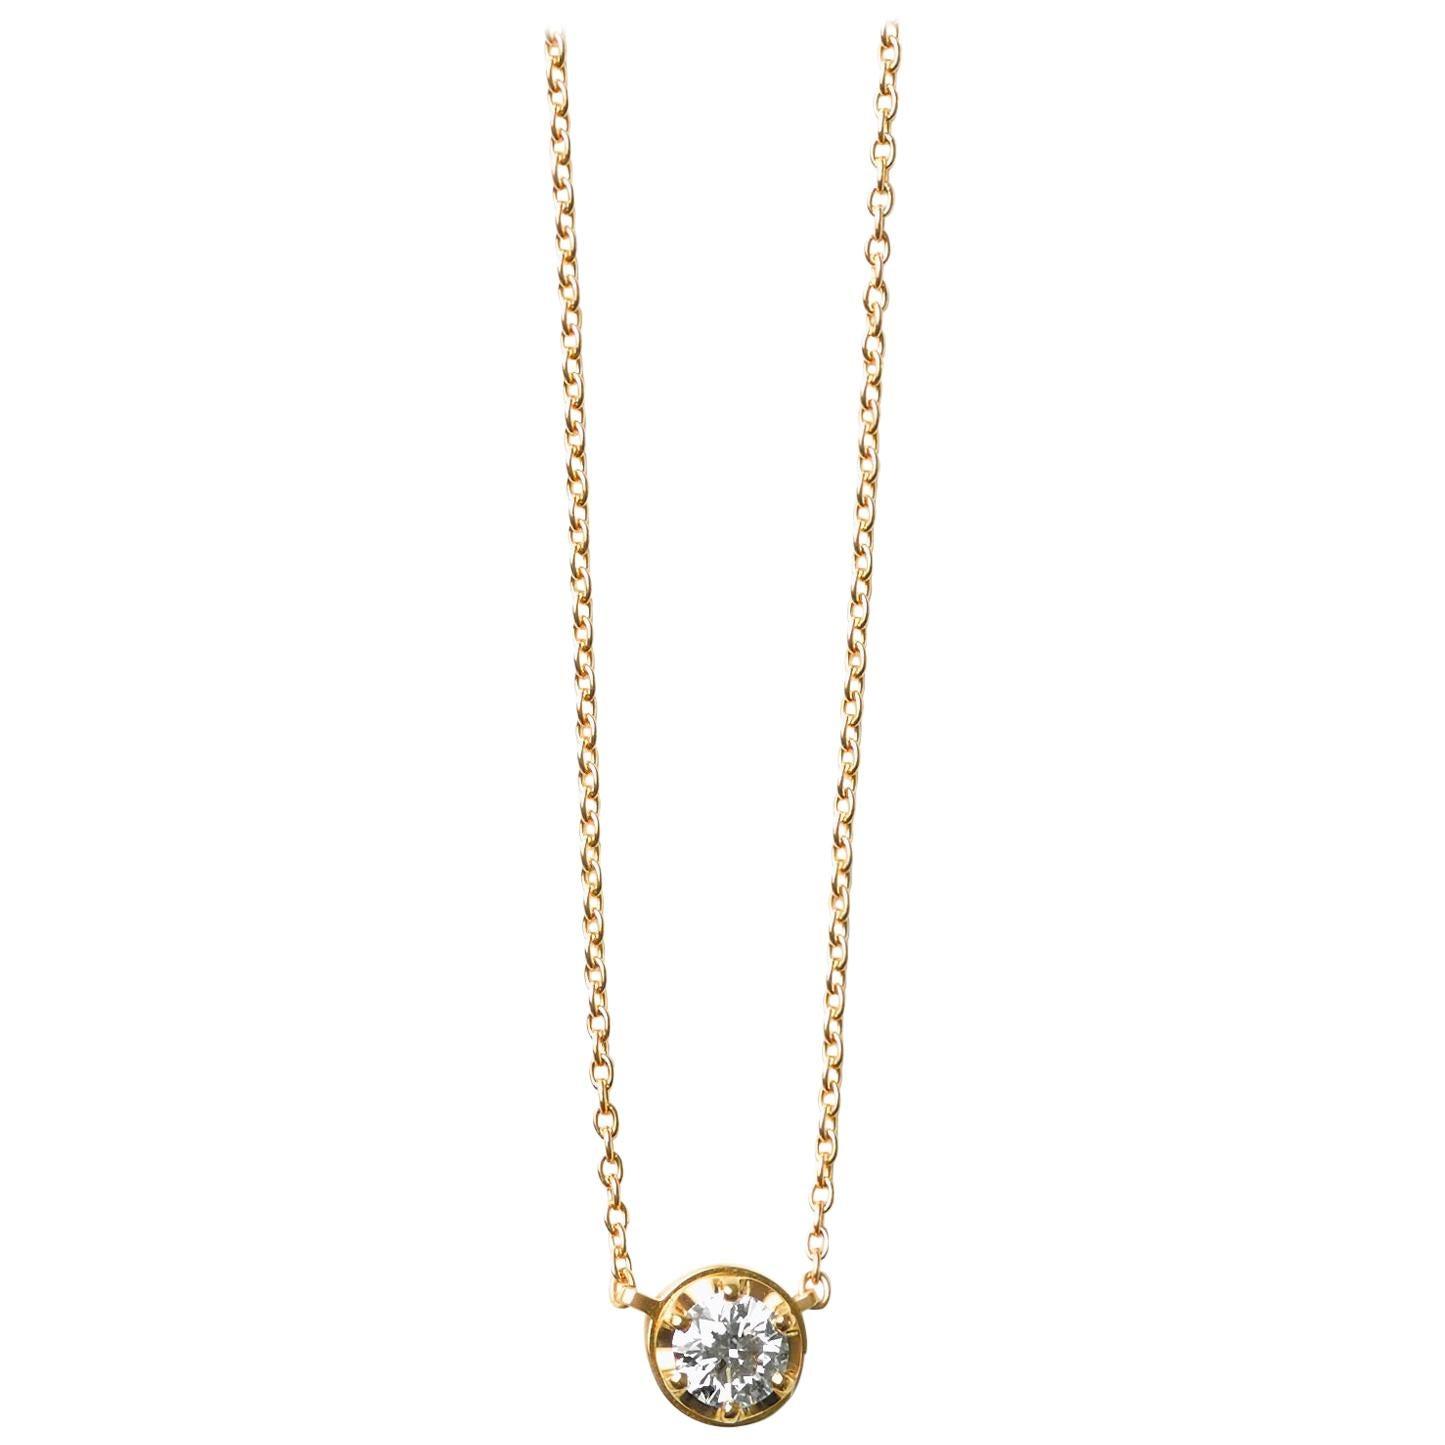 18 Karat Yellow Gold 0.5 Carat Diamond Necklace